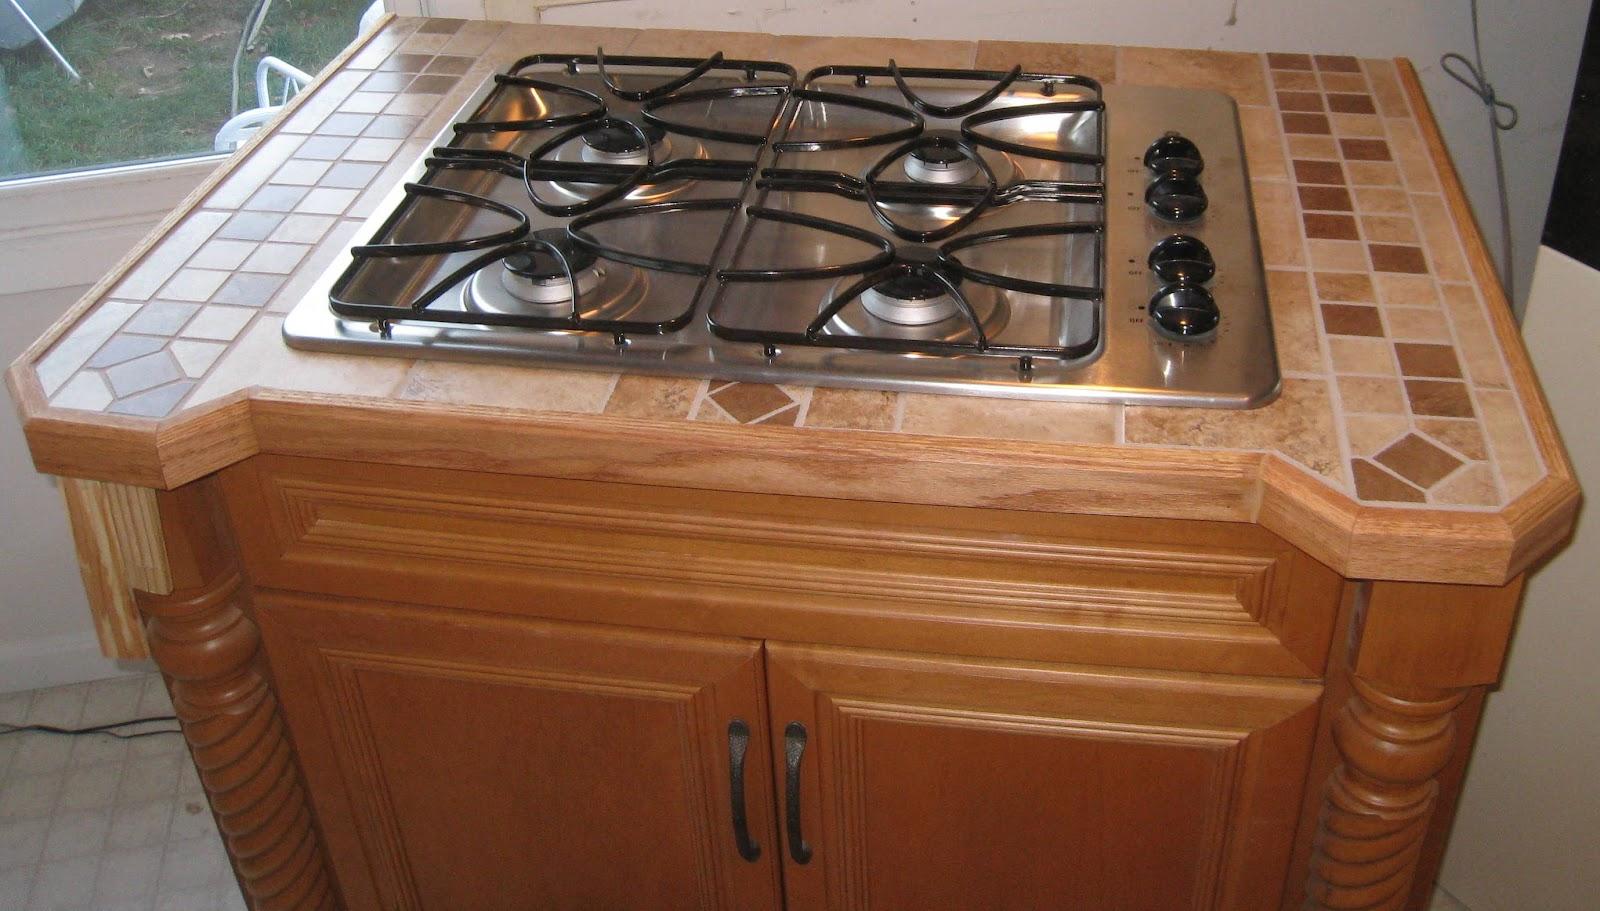 Countertop Gas Stove Installation : ... countertop. He installed our new gas stove in one of our new cabinets